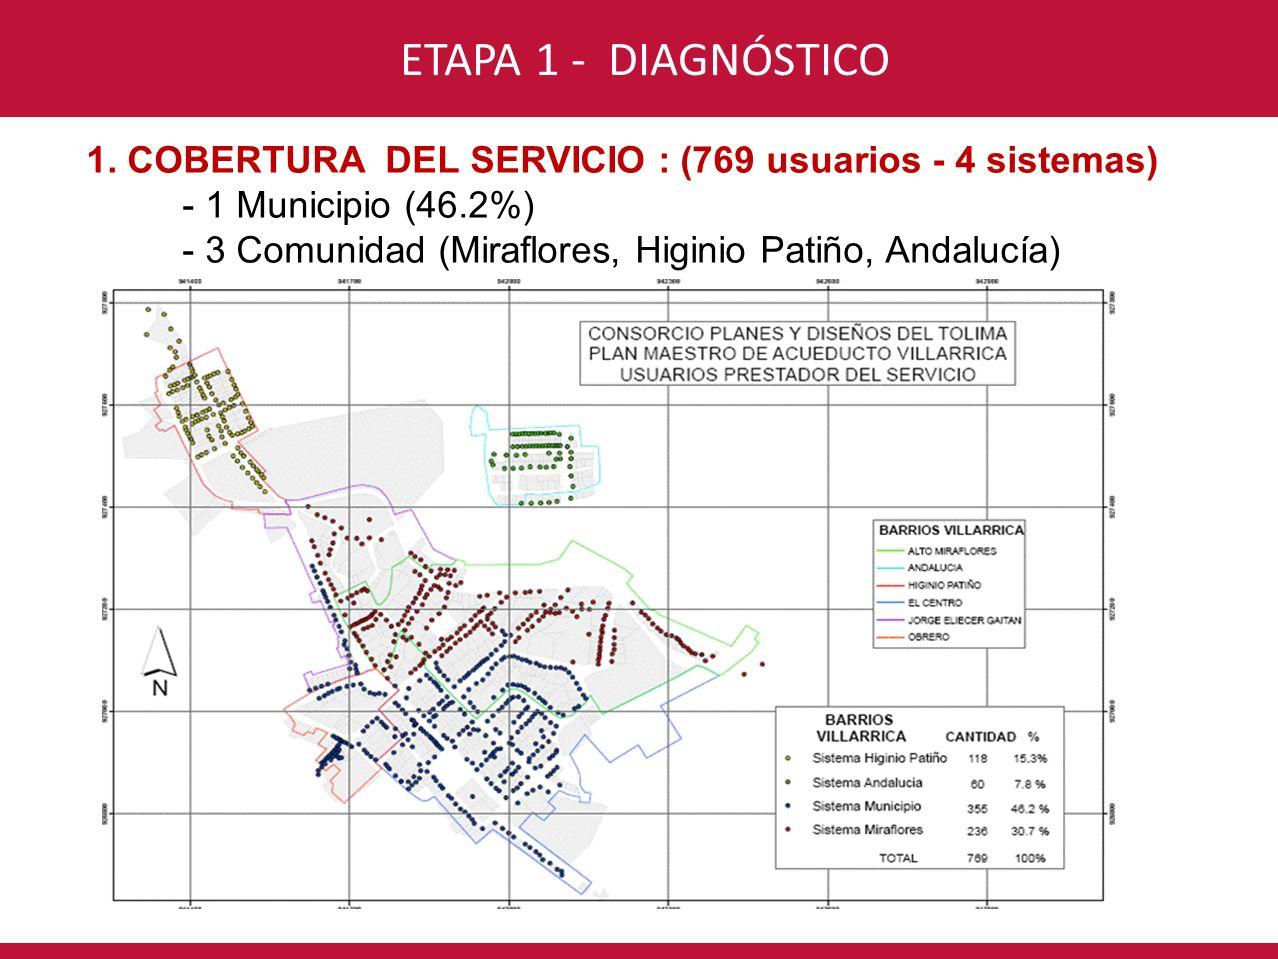 CONSORCIO INTERVENTORÍA POR UN NUEVO VALLE ETAPA 1 - DIAGNÓSTICO 2.